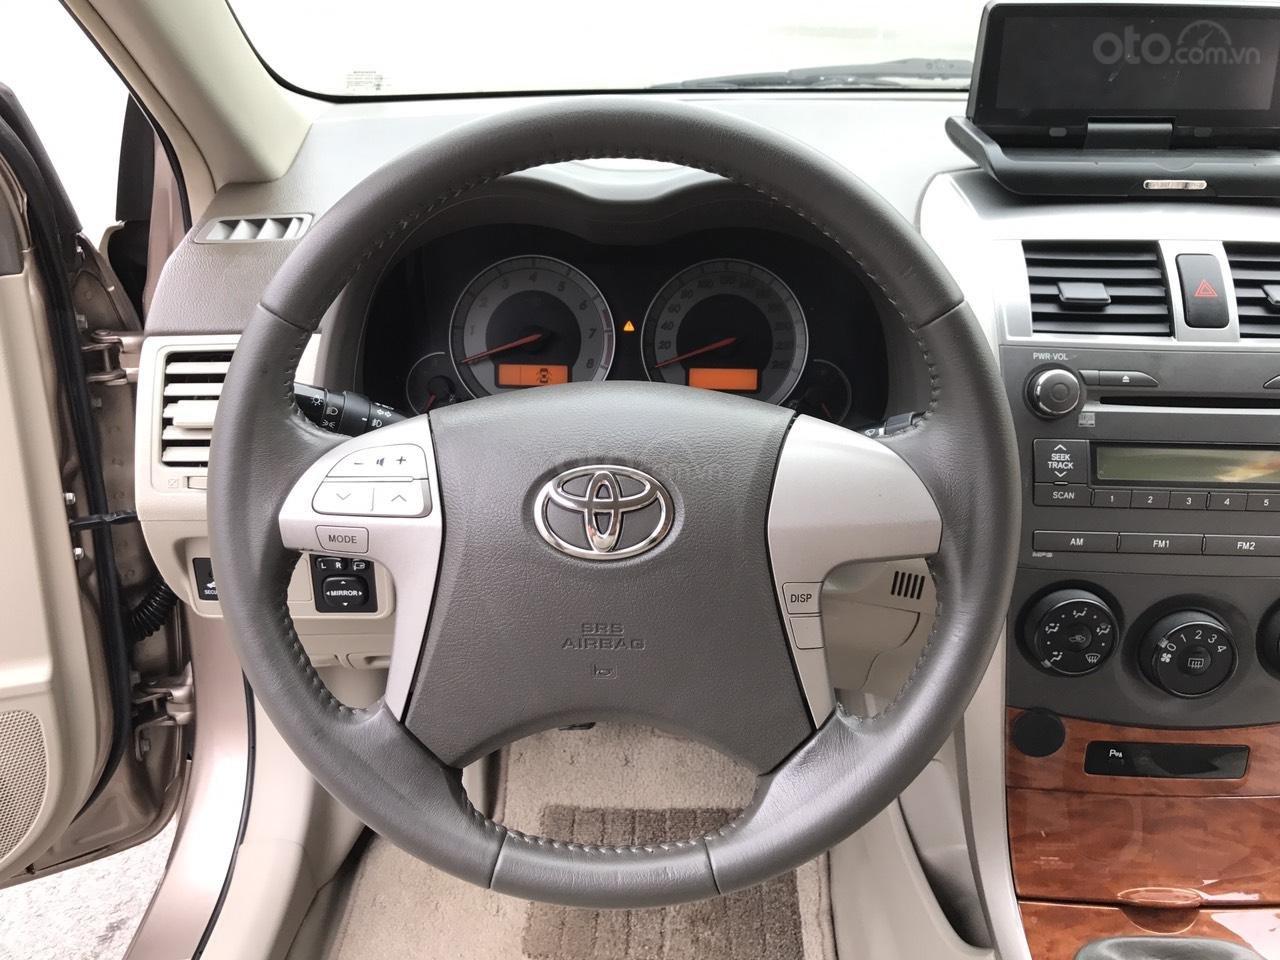 Bán ô tô Toyota Corolla Altis 1.8G năm sản xuất 2009, màu nâu Cafe, 1 chủ biển 4 số mới (6)